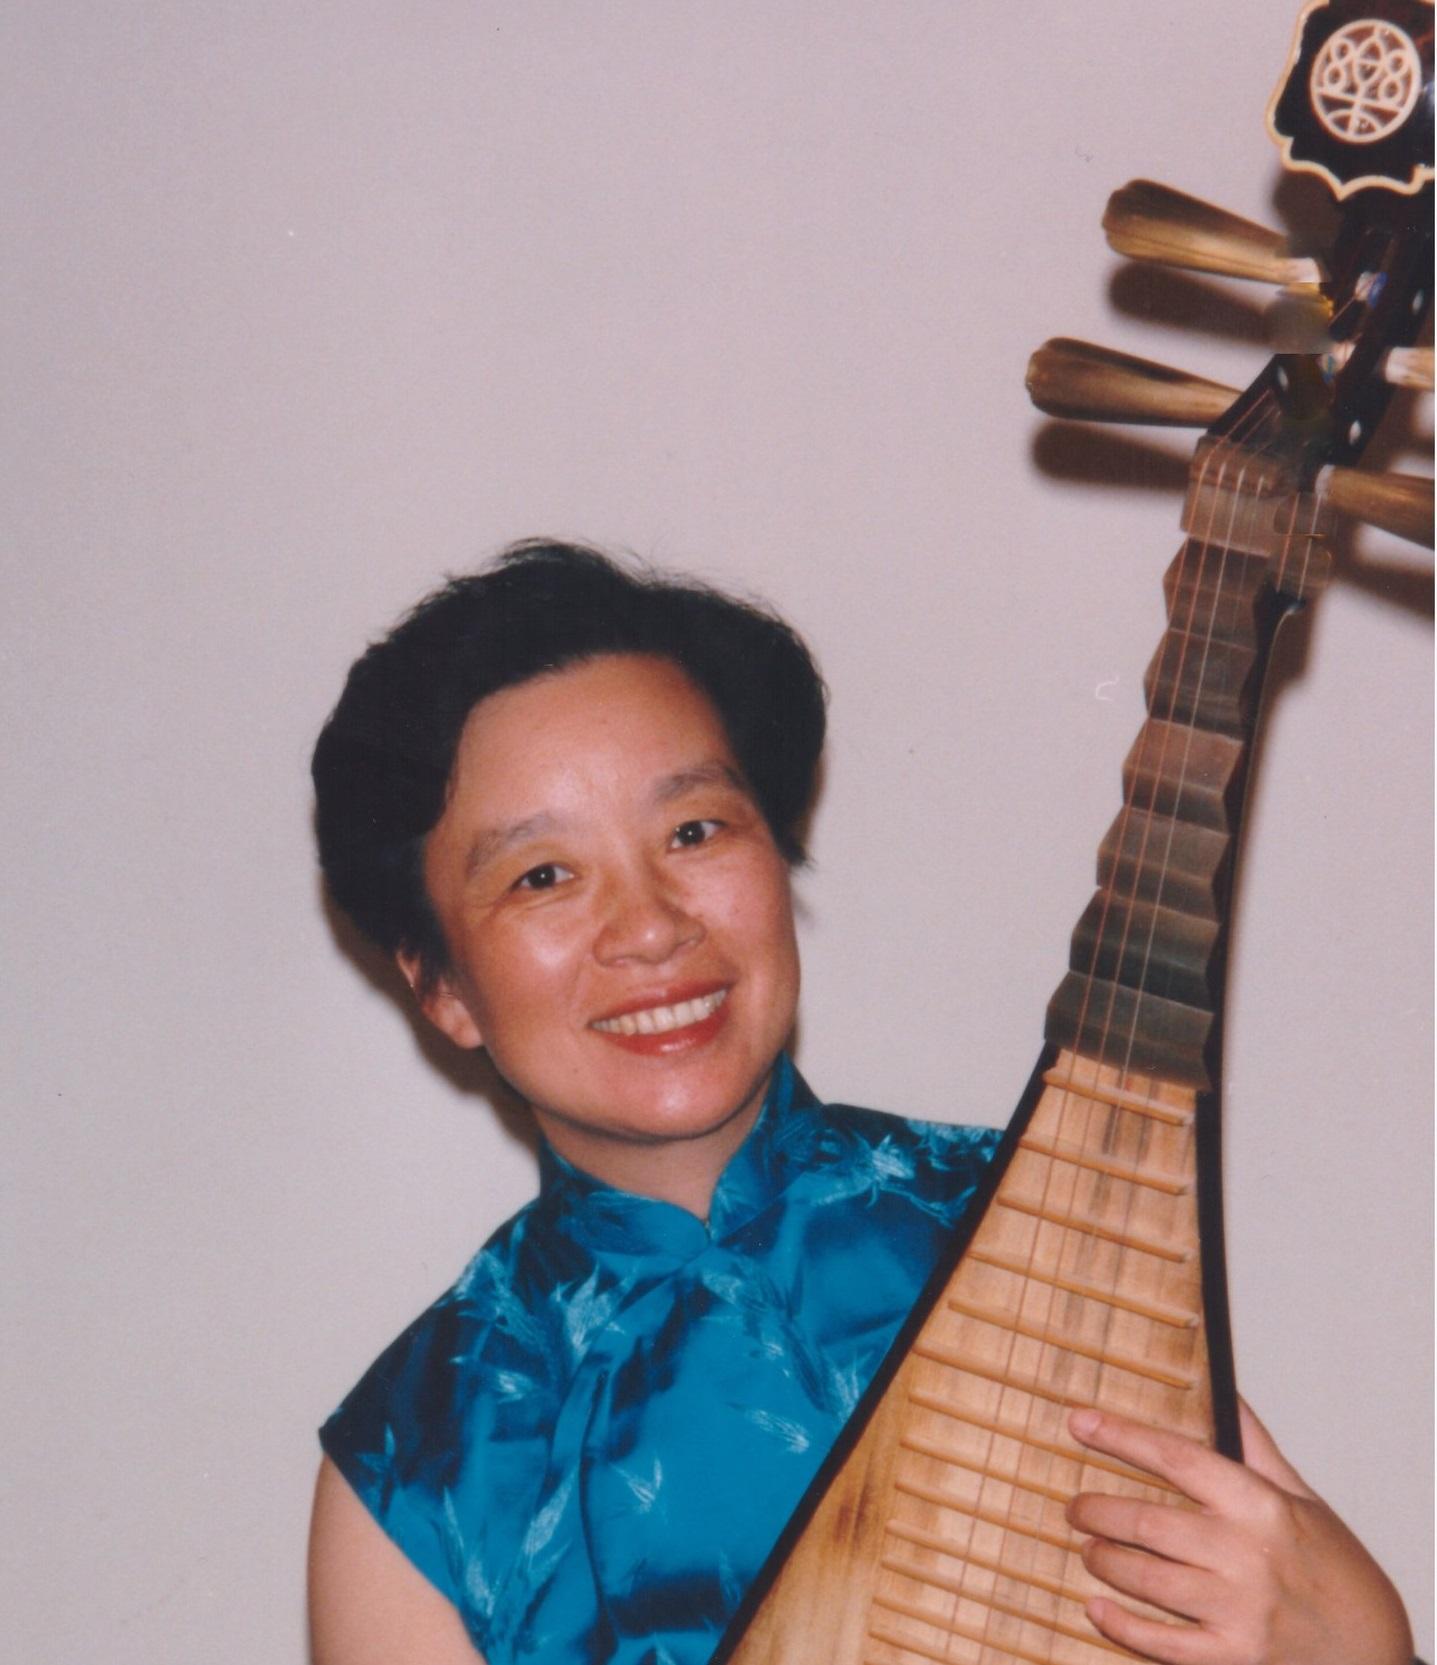 """马梅椰  琵琶演奏家。十岁时因为接触苏州弹词而自学琵琶。1960年考入上海音乐学院附中主修琵琶。三年后被琵琶大师卫仲乐破格收为学生并亲自授课。毕业后进入上海电影乐团在多部得奖电影中任独奏。此外在星期广播音乐会,上海音乐厅举行的民族音乐会专场中担任独奏。1988年赴美,定居洛杉矶专职琵琶教学及演奏,录音。1989年接受亚洲电视台名人专访。1991年圣地亚哥Mira Costa College 为她主办题为""""中国的吉他--琵琶""""独奏音乐会。2008年为梦工厂动画片""""功夫熊猫"""" 配音。为成龙,李连杰主演的好莱坞功夫大片""""Forbidden Kingdom""""(功夫之王""""配音。2016年为洛杉矶盖帝中心大型展览 """"敦煌"""" 配音。  曾参加梅拉诺文化演艺公司举办的 【花好月圆庆中秋】 和【 我们的年代 戏曲名家和那个年代的歌 】【花好月圆 II】【国乐盛典春雷动地】【鹰飞龙腾新年新春】【春之声】的大型演出活动。  现为美国中华国乐团琵琶首席。美中华人音乐家协会执行理事。"""